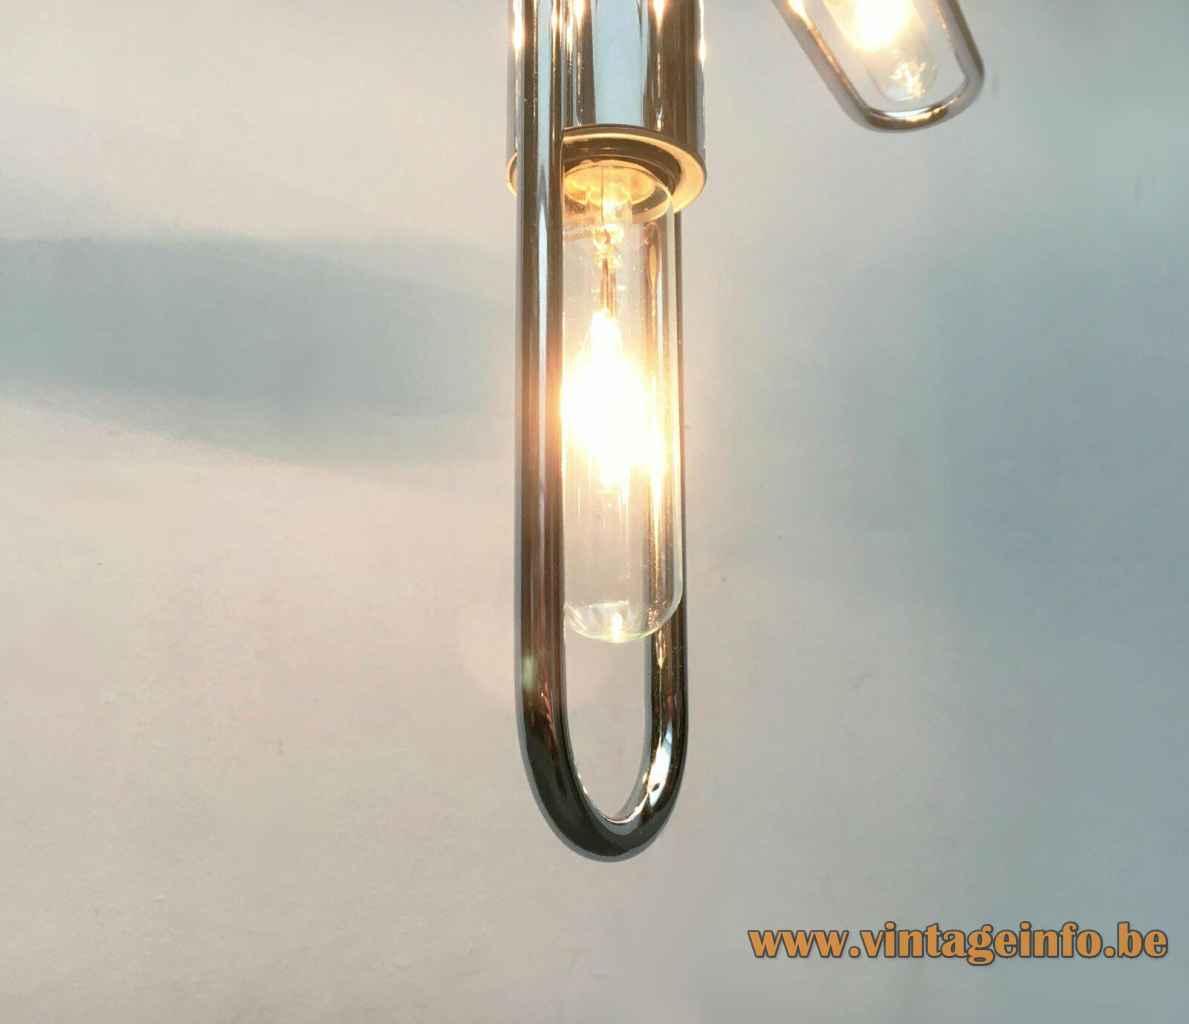 Kinkeldey chrome tubes chandelier curved metal rods 5 E14 light bulbs 1970s Germany Sputnik Space Age